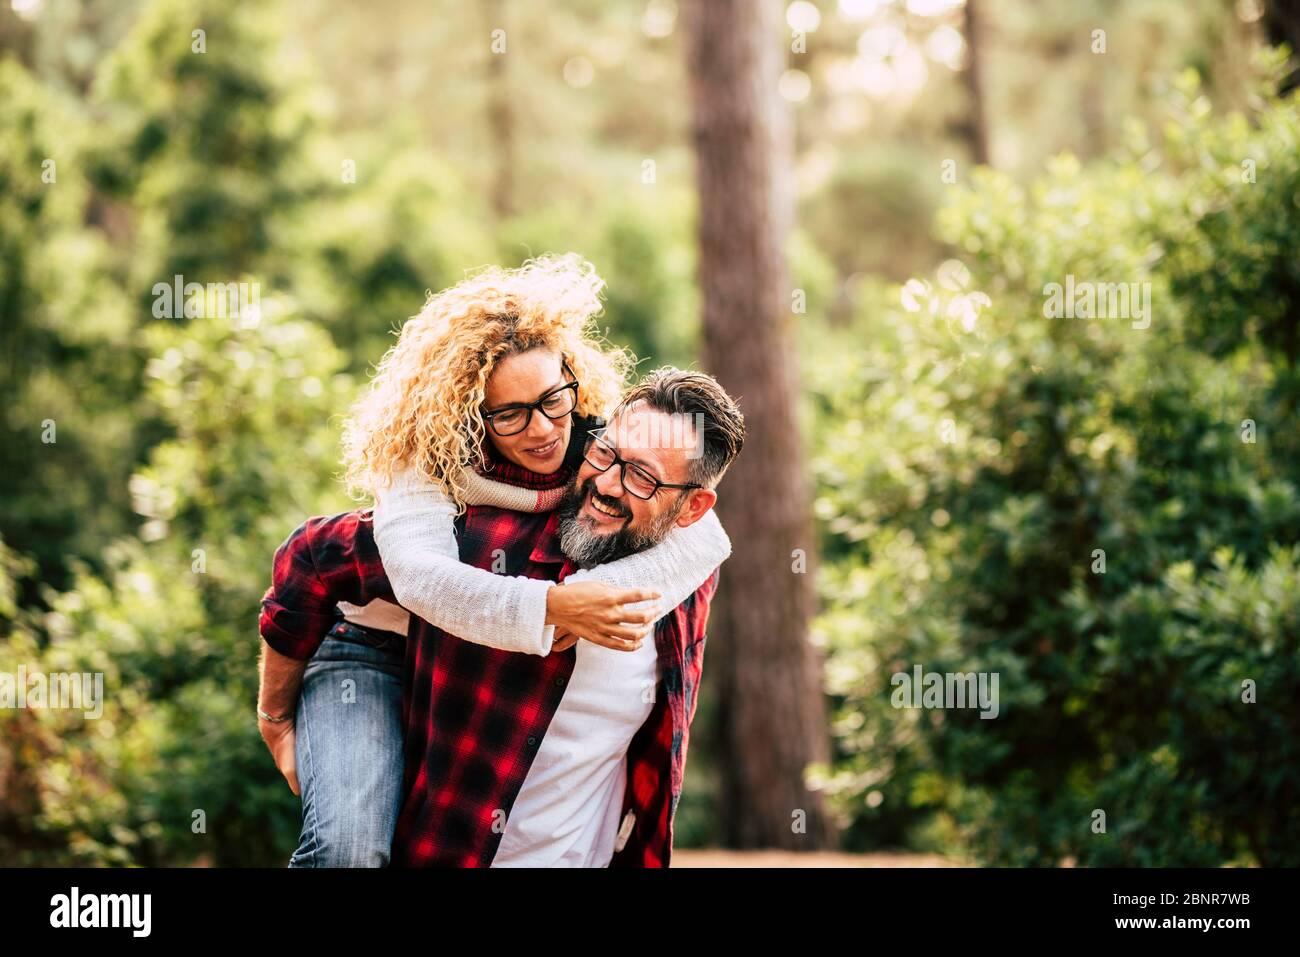 Glücklich Erwachsene kaukasischen Paar in Beziehung und Liebe spielen zusammen im Wald Wald Wald Natur - Outdoor-Menschen Freizeitgestaltung Konzept mit fröhlichen kaukasier Stockfoto